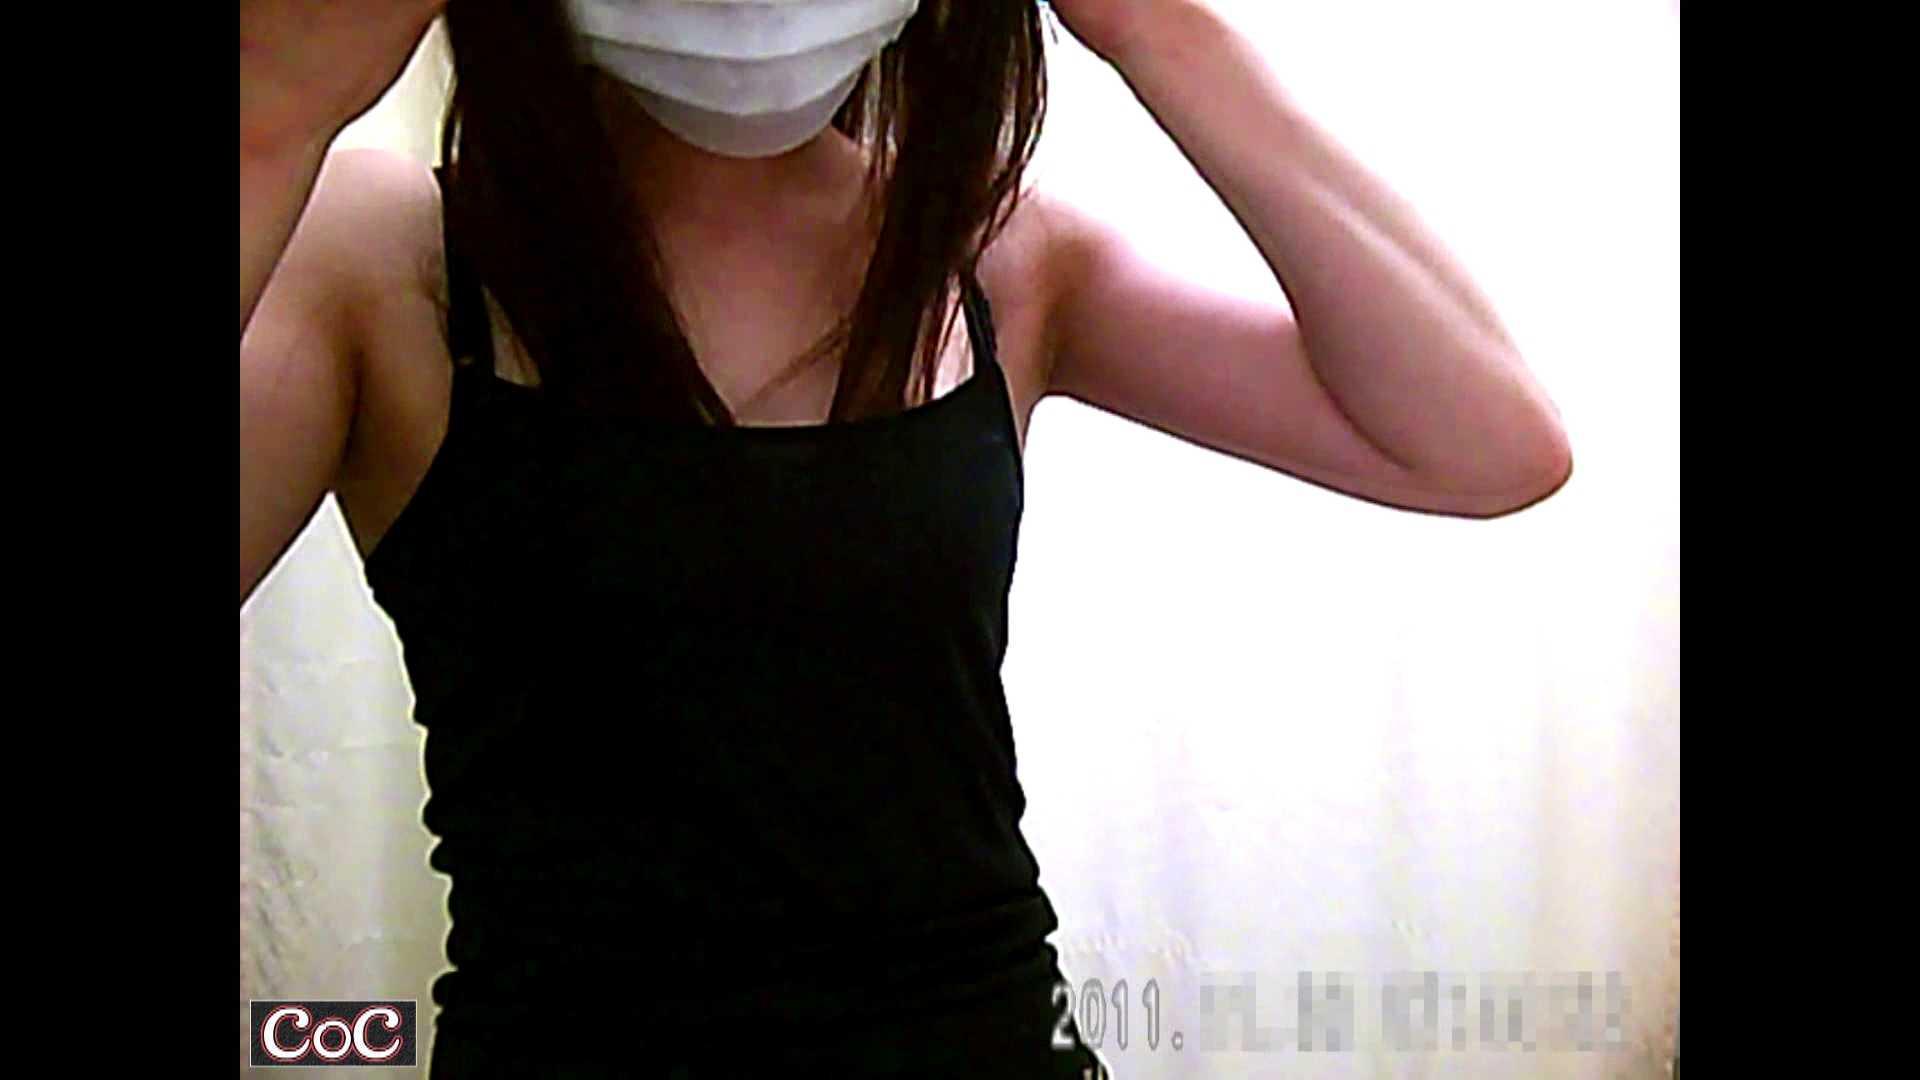 元医者による反抗 更衣室地獄絵巻 vol.190 OLハメ撮り  35Pix 3